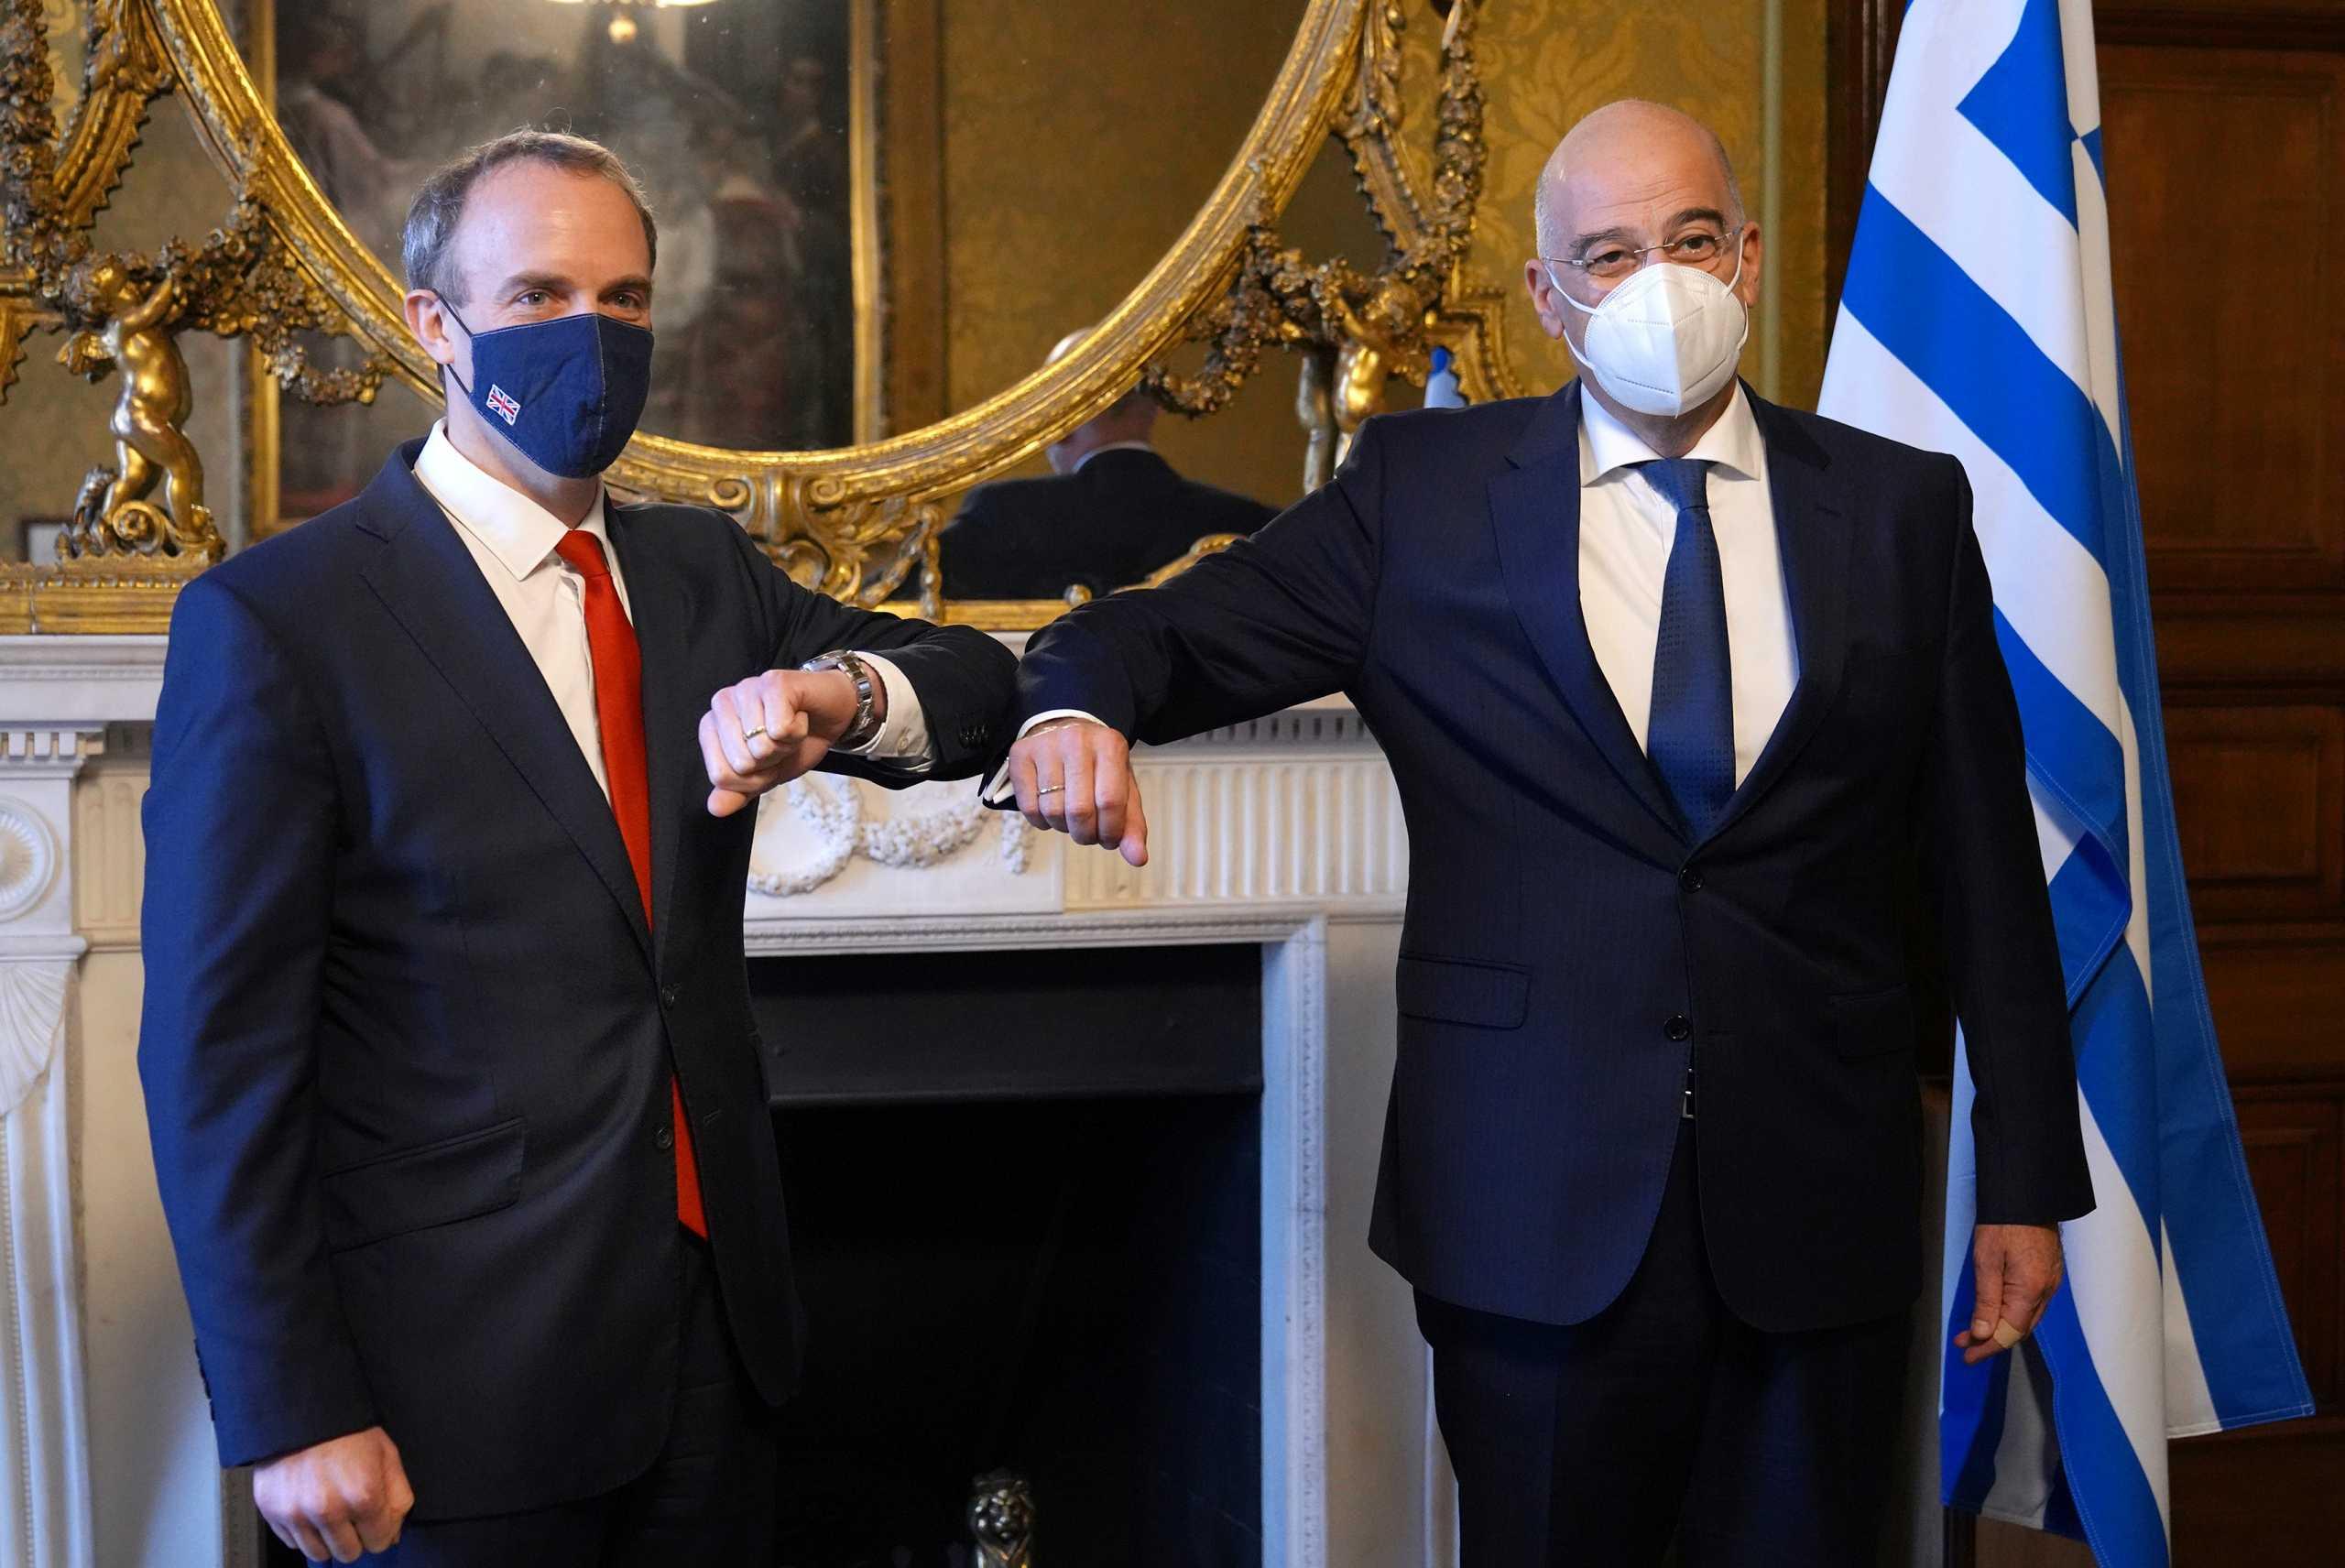 Βρετανία: Στήριξη των ελληνικών θέσεων για το Κυπριακό – Έθεσε το ζήτημα των Μαρμάρων του Παρθενώνα ο Δένδιας